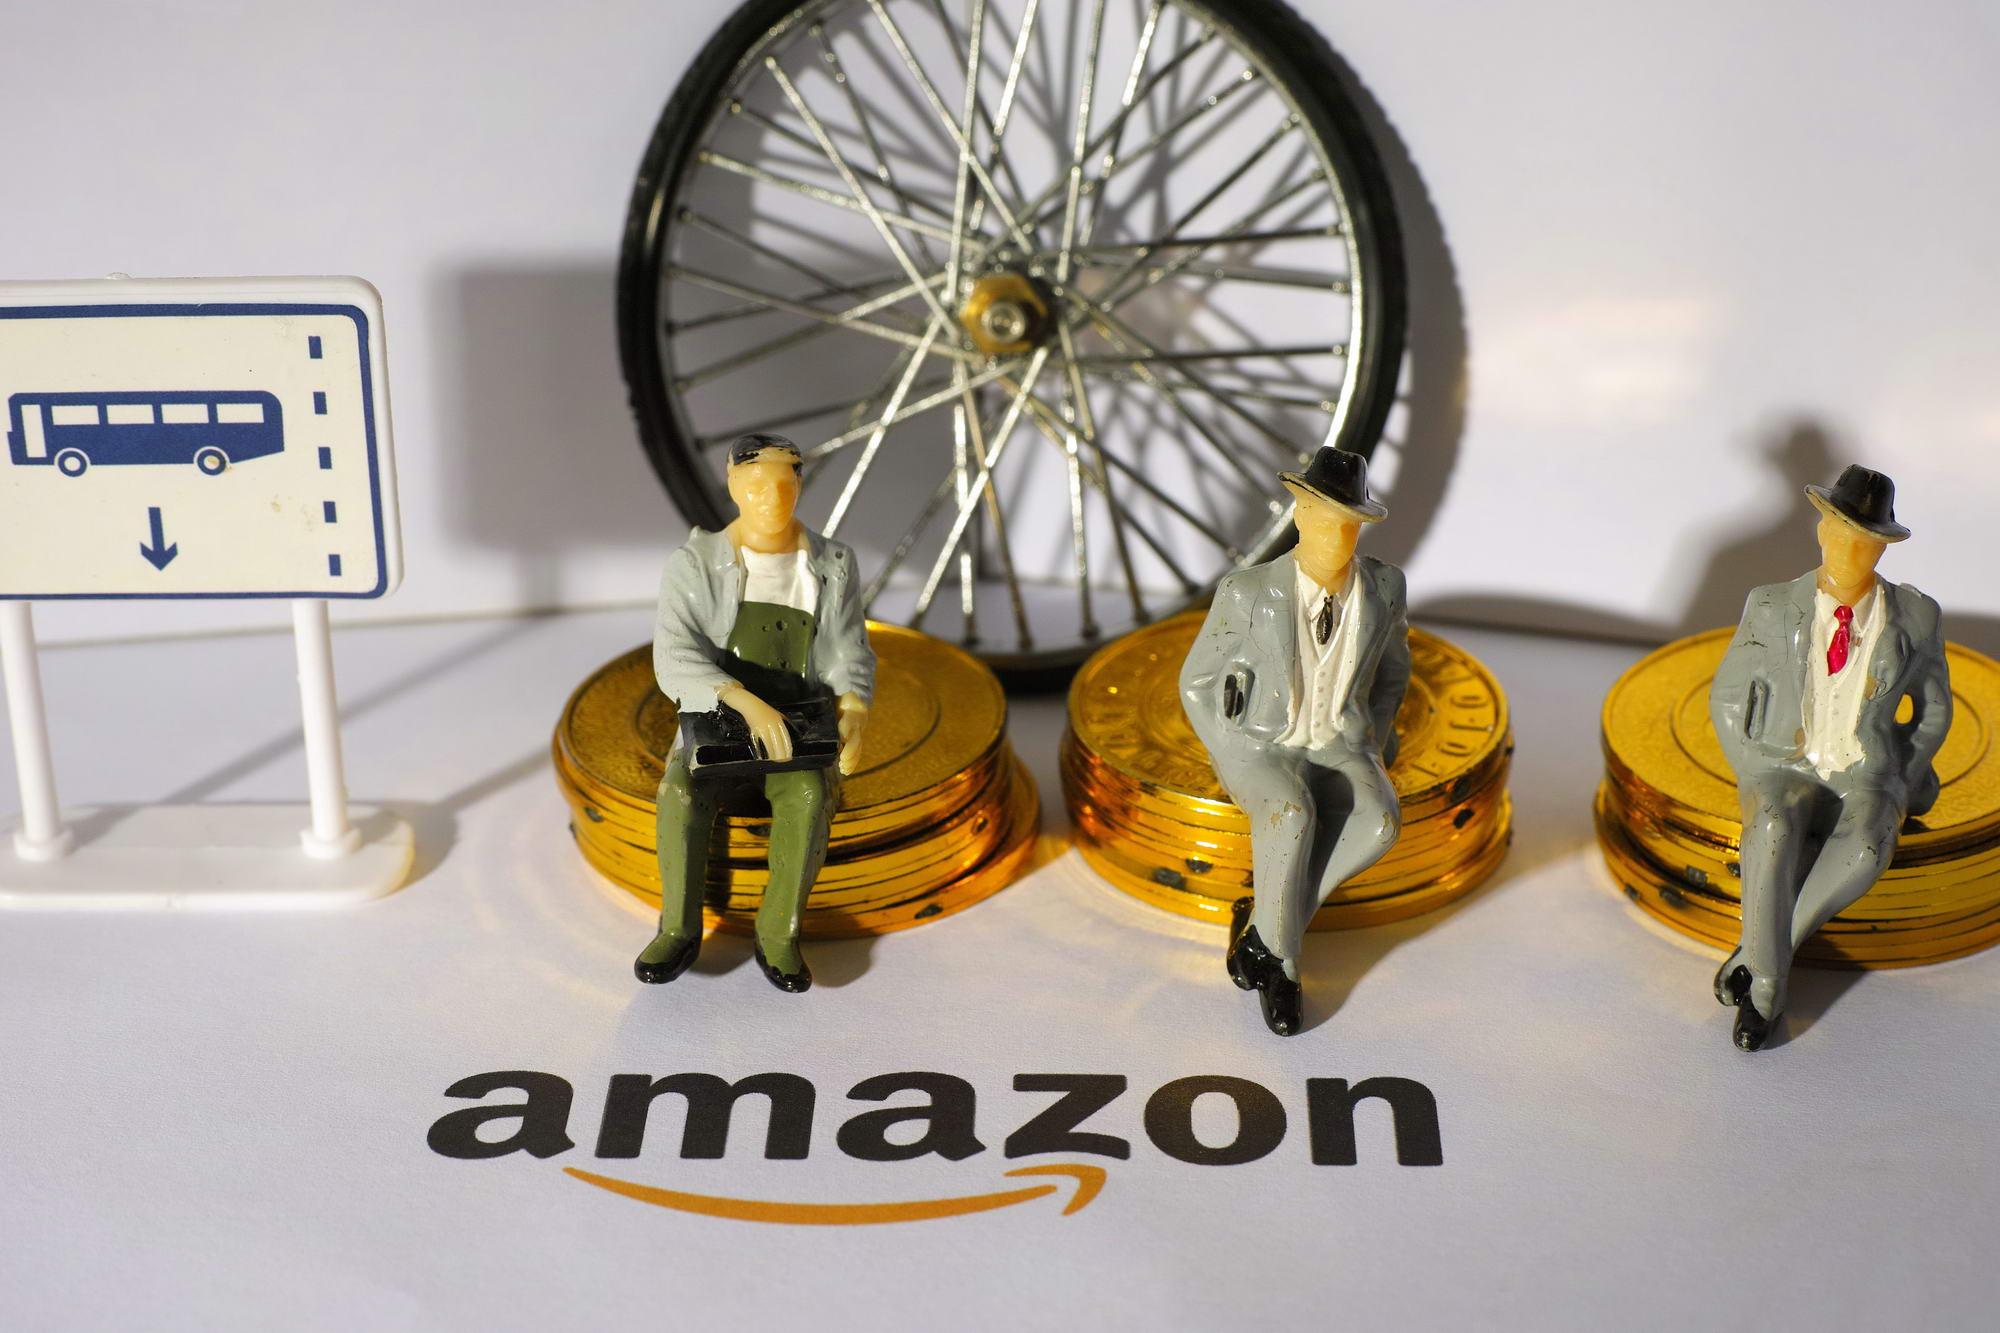 印度首富出手 与亚马逊、Flipkart角逐电商市场_跨境电商_电商报